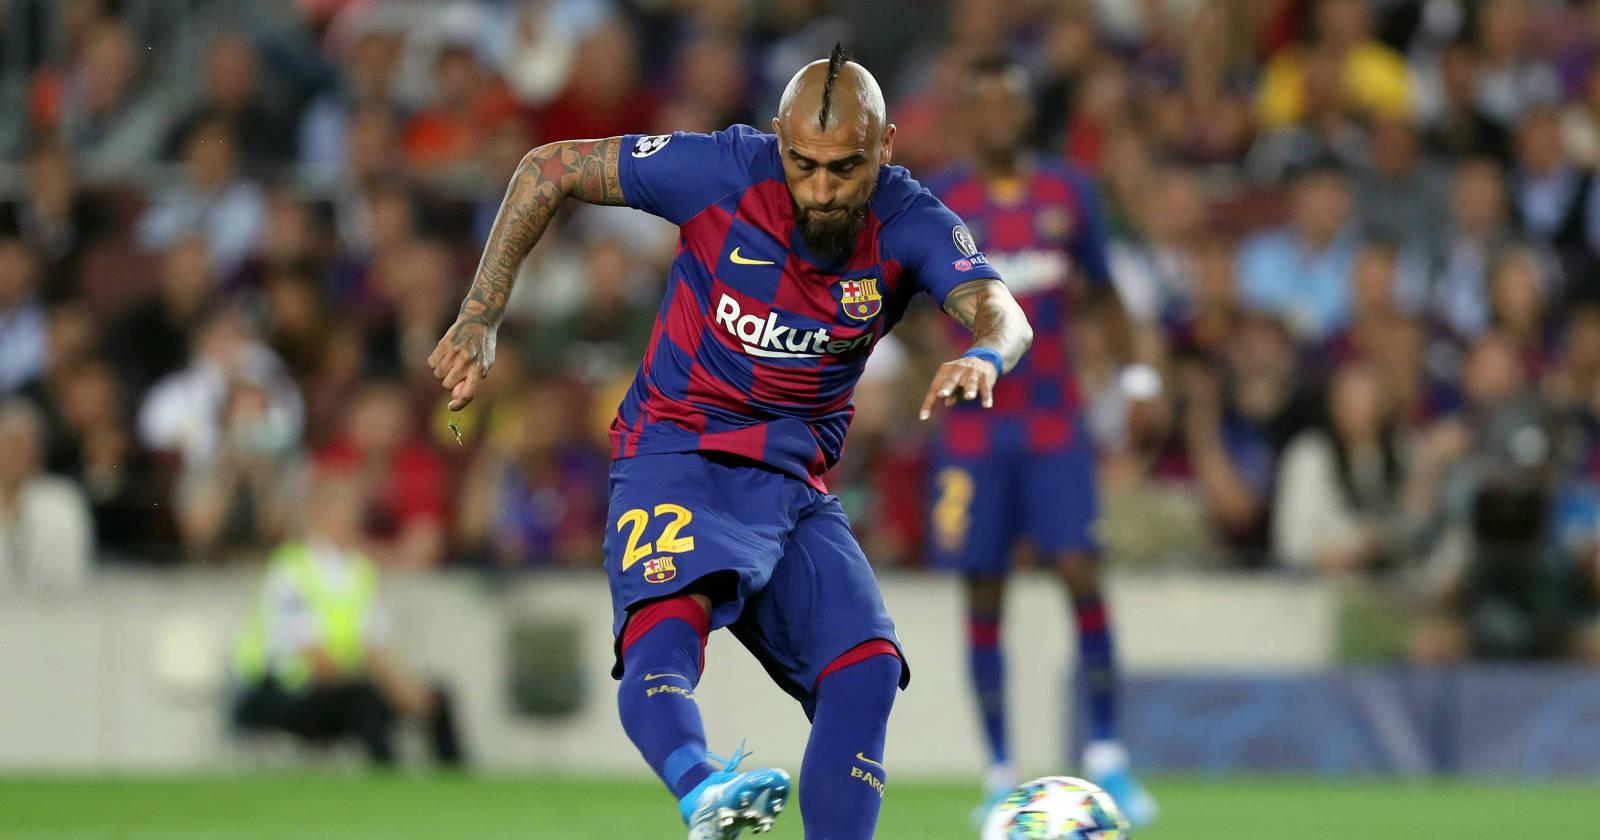 La despedida de Arturo Vidal al Barcelona: